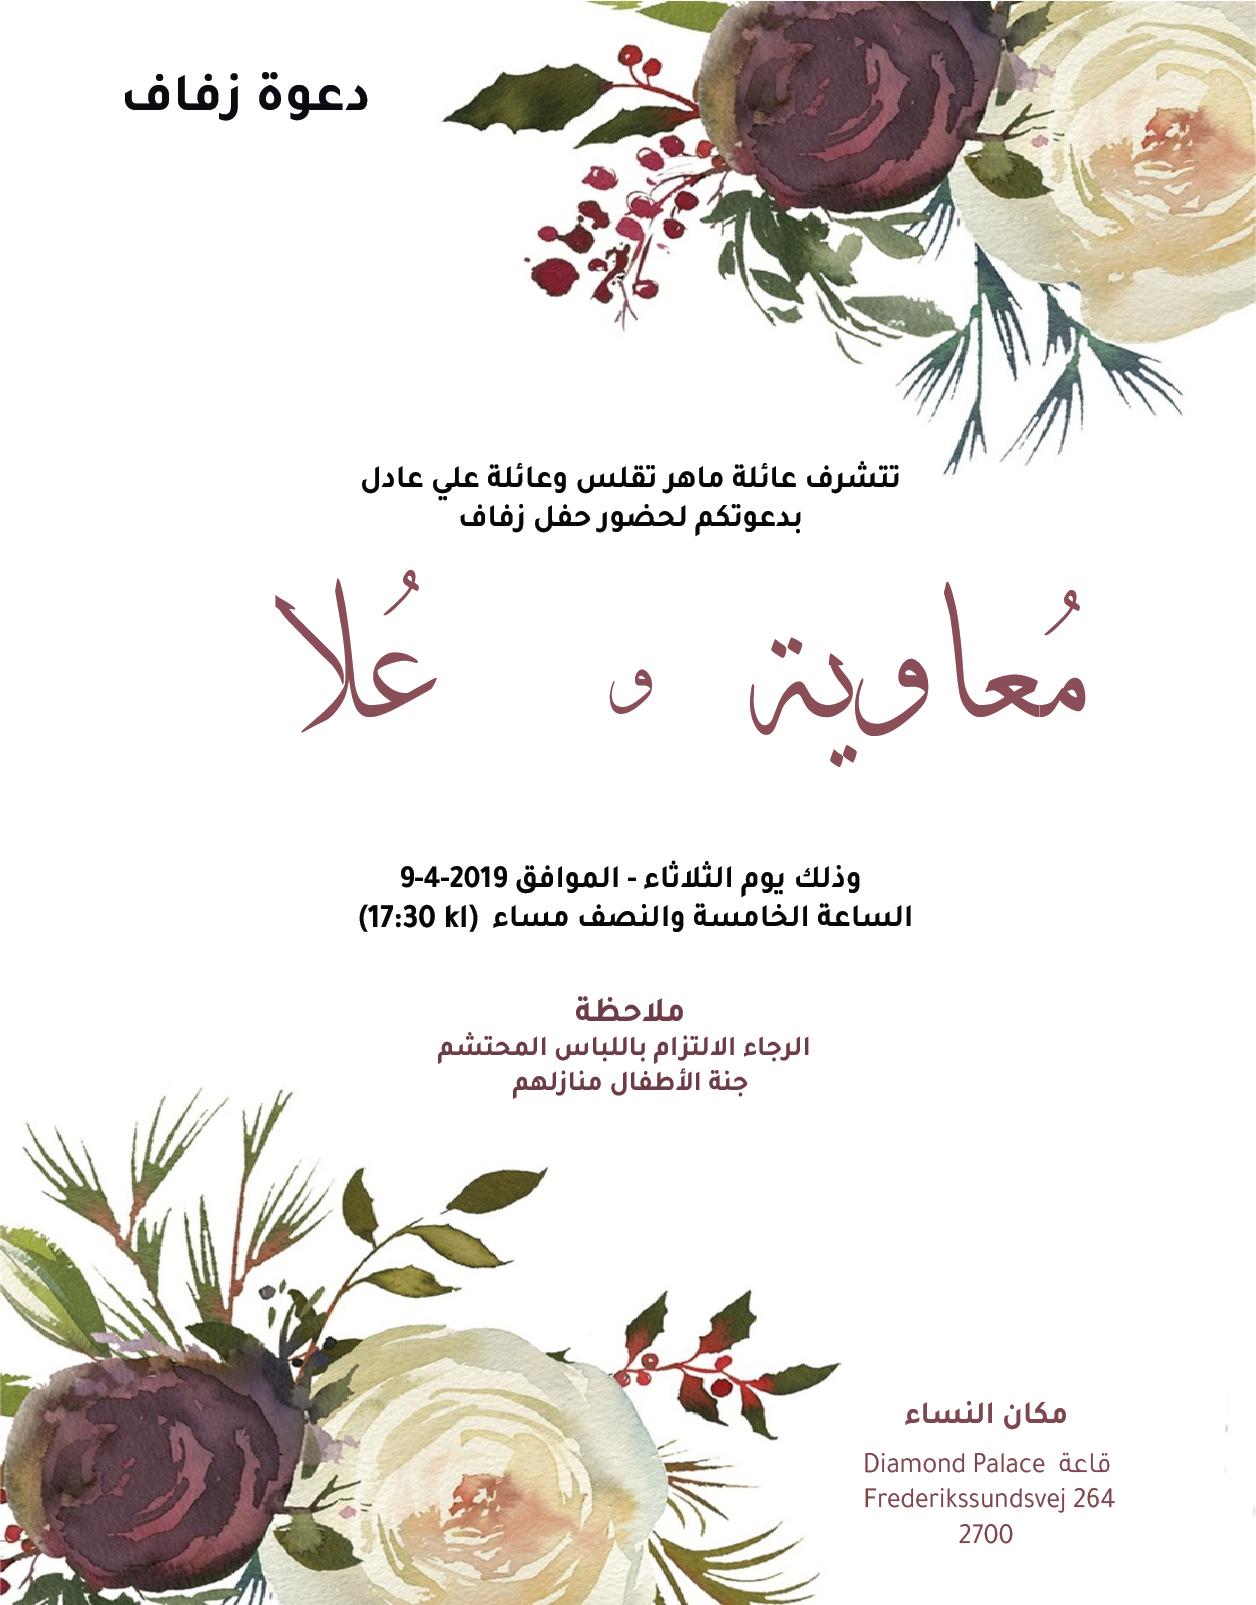 دعوة فرح زفاف بوستر عرس Rose Wedding Invitations Free Wedding Invitation Templates Wedding Invitation Templates